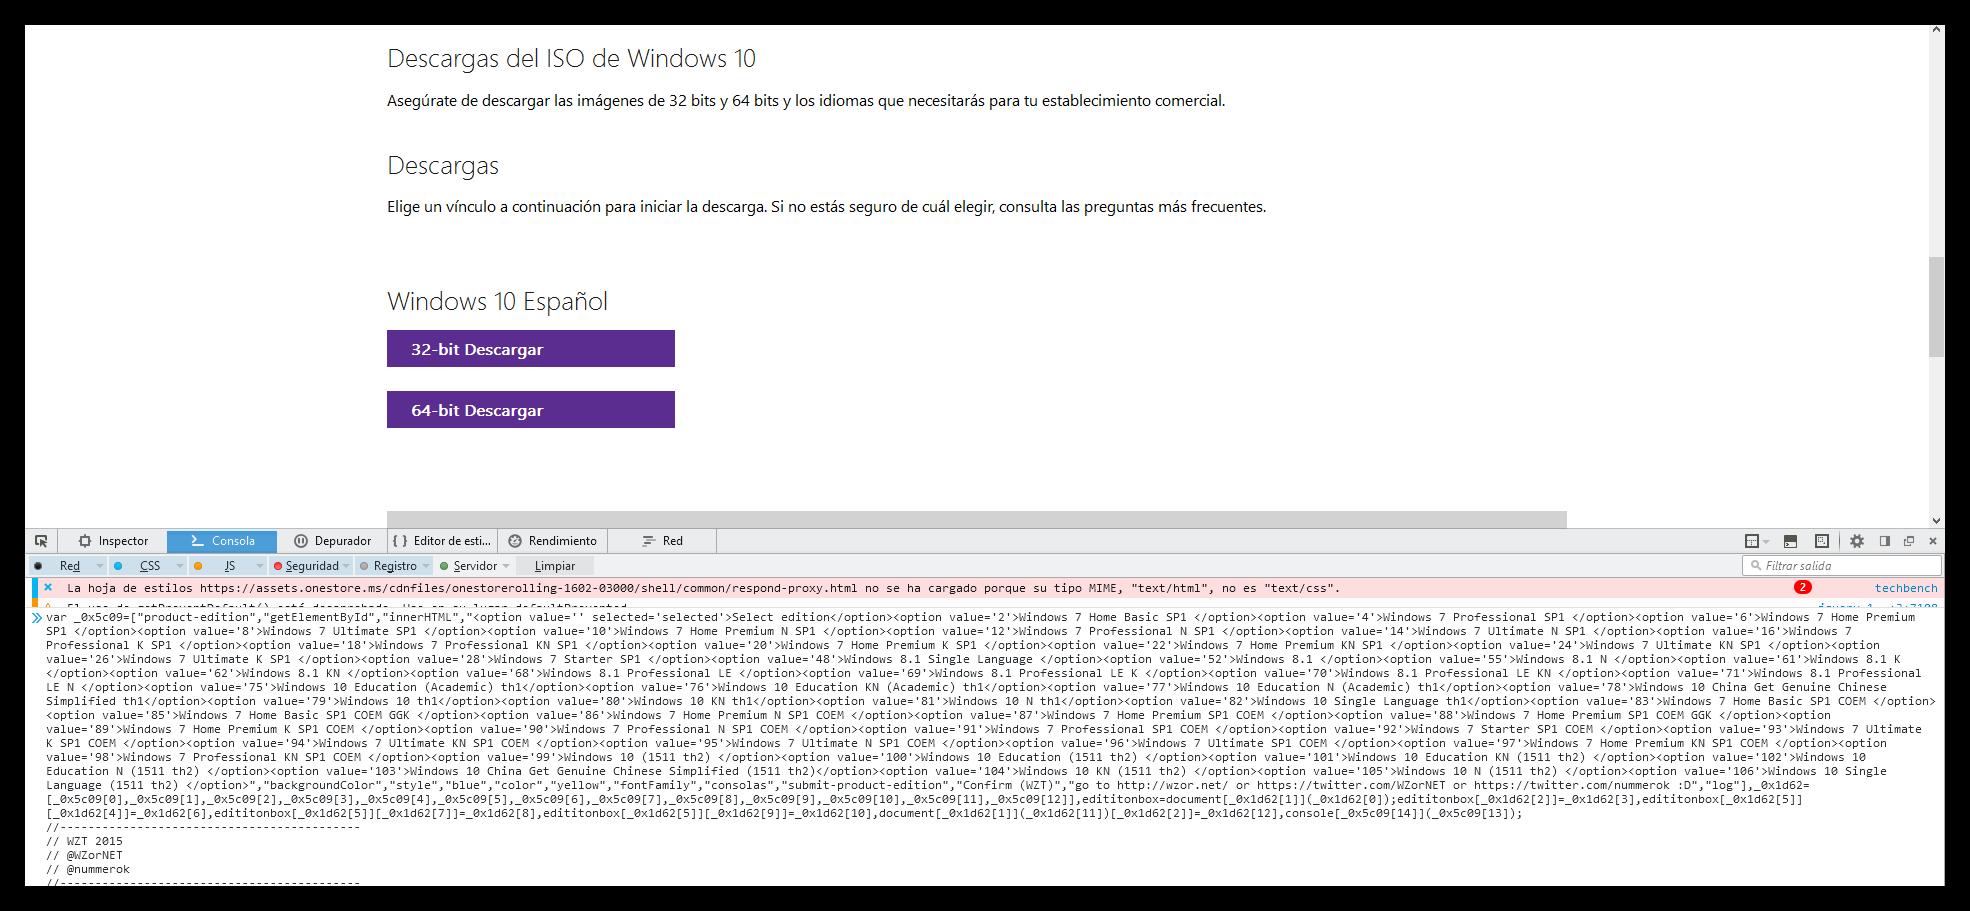 descargar imagen iso de windows 7 ultimate 32 bits original